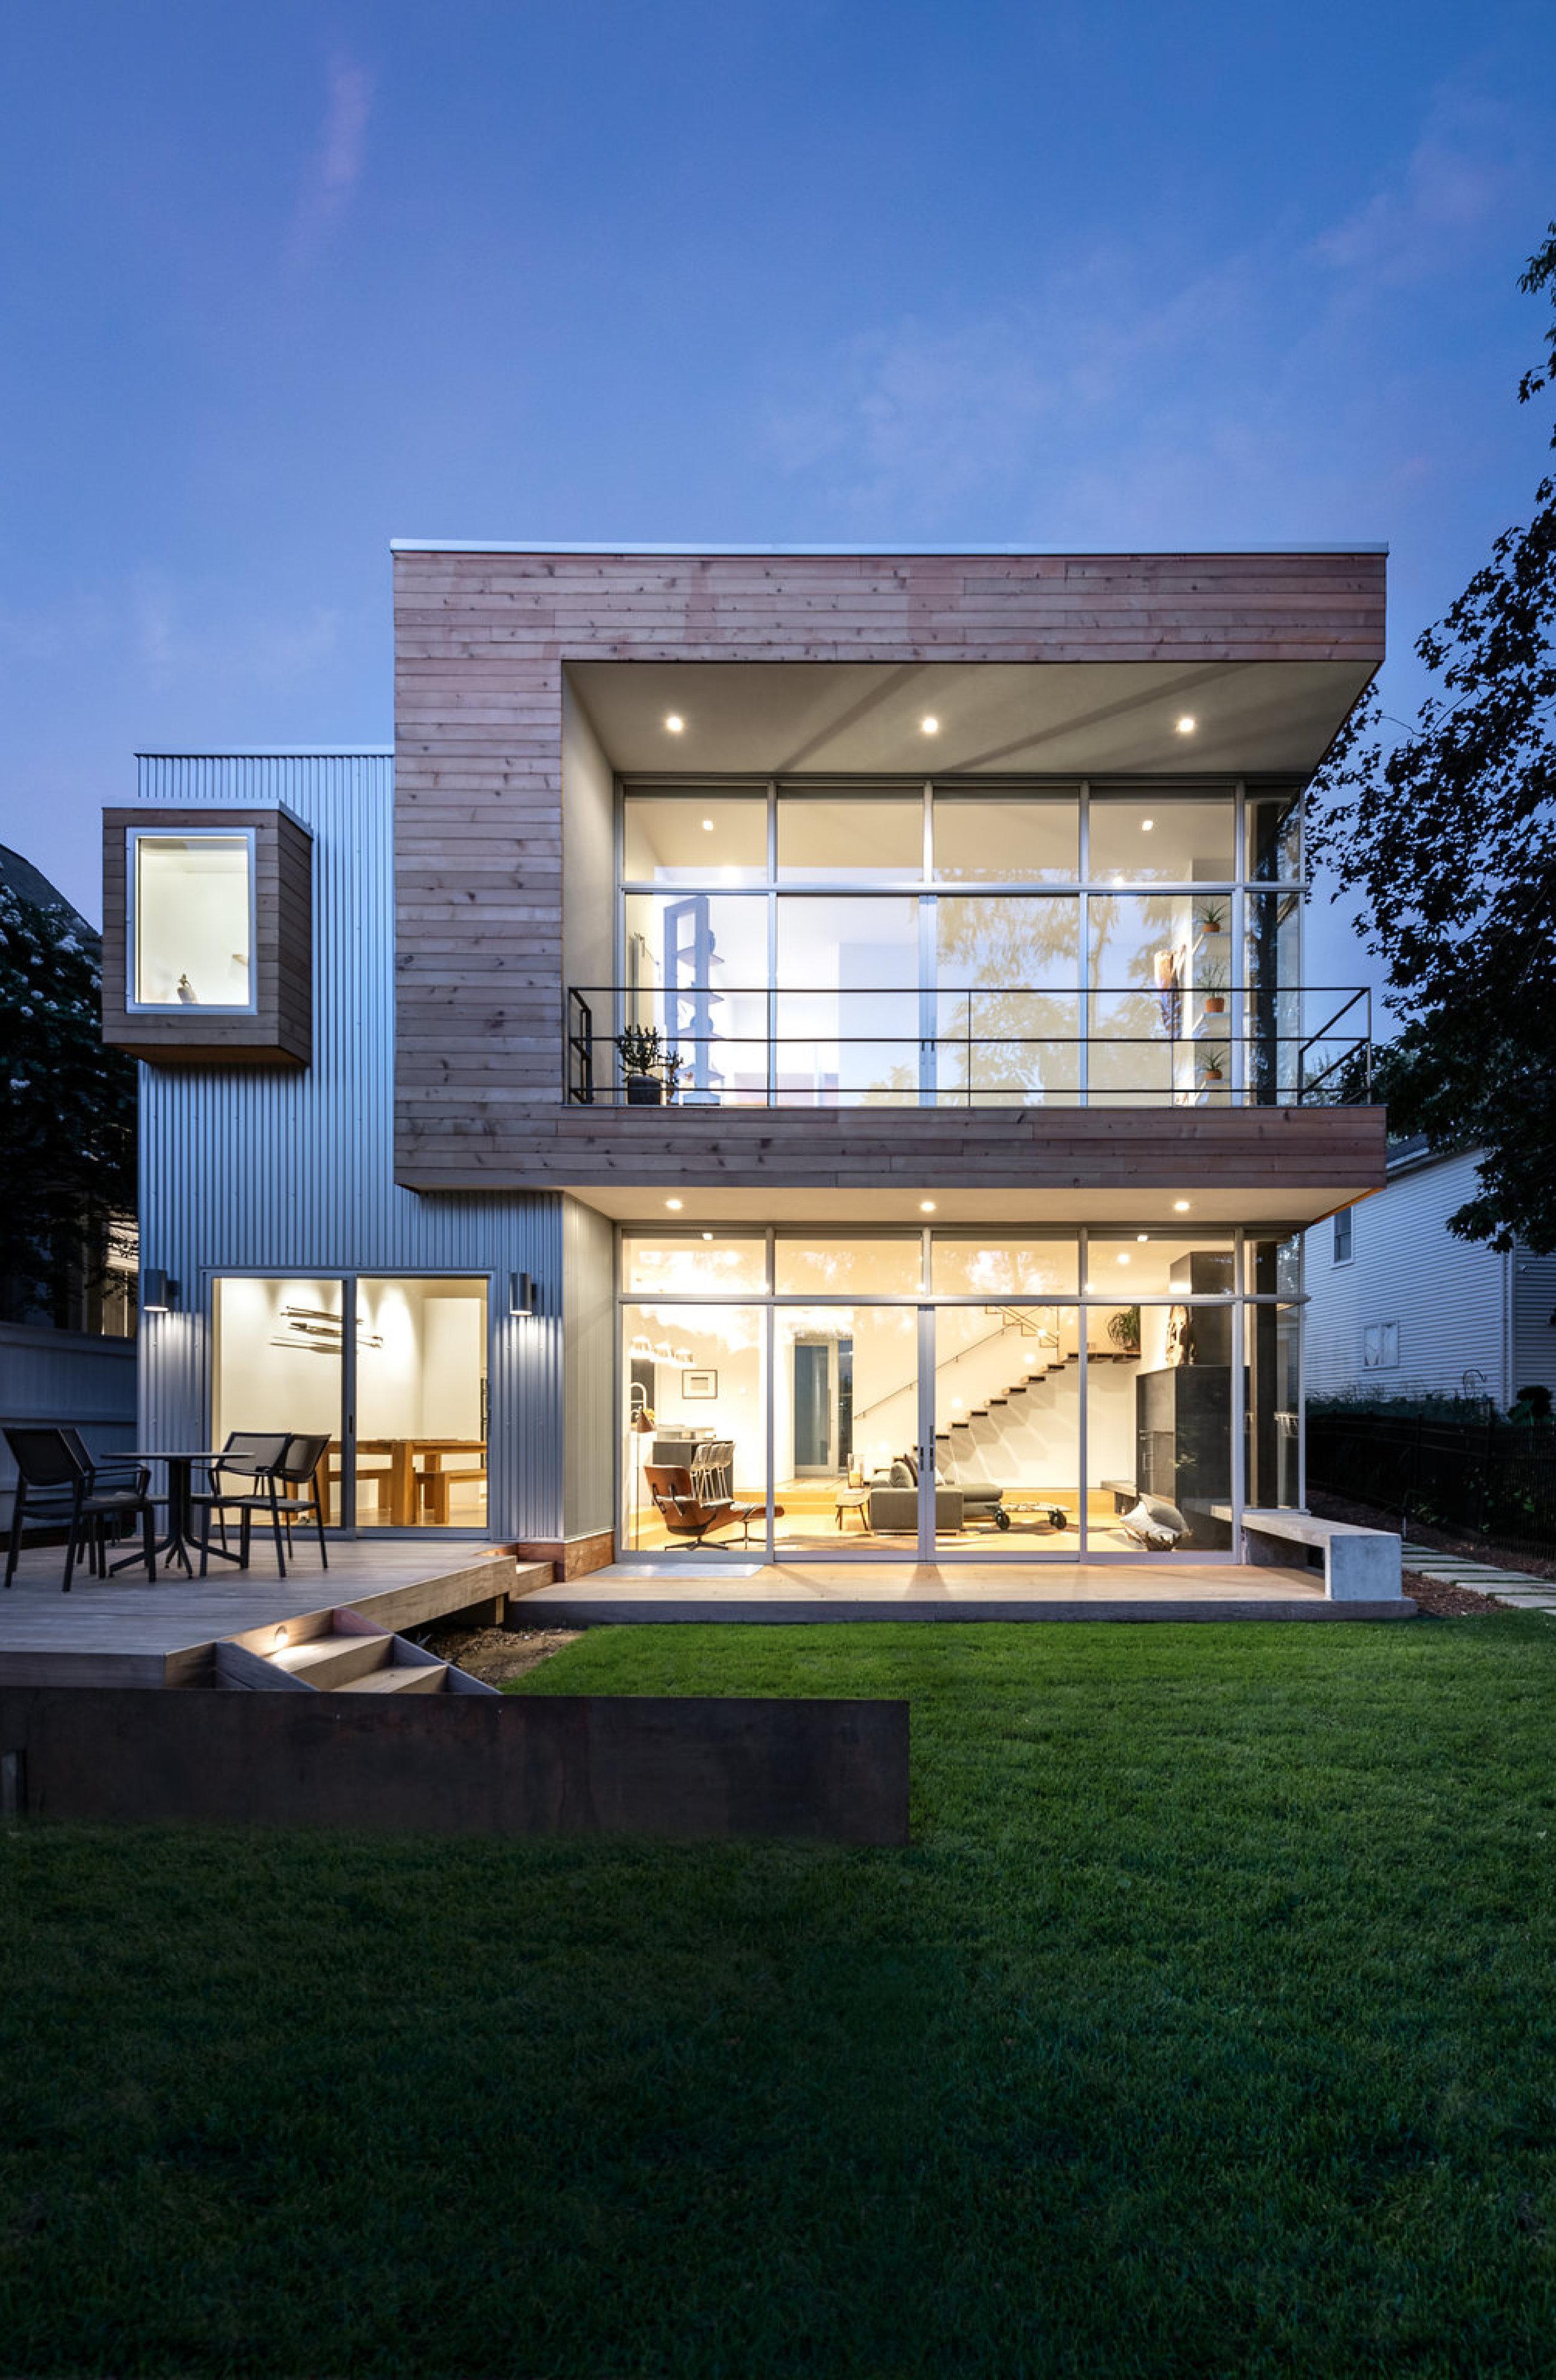 spa creek house - 2018 AIA BALTIMORE DESIGN AWARD